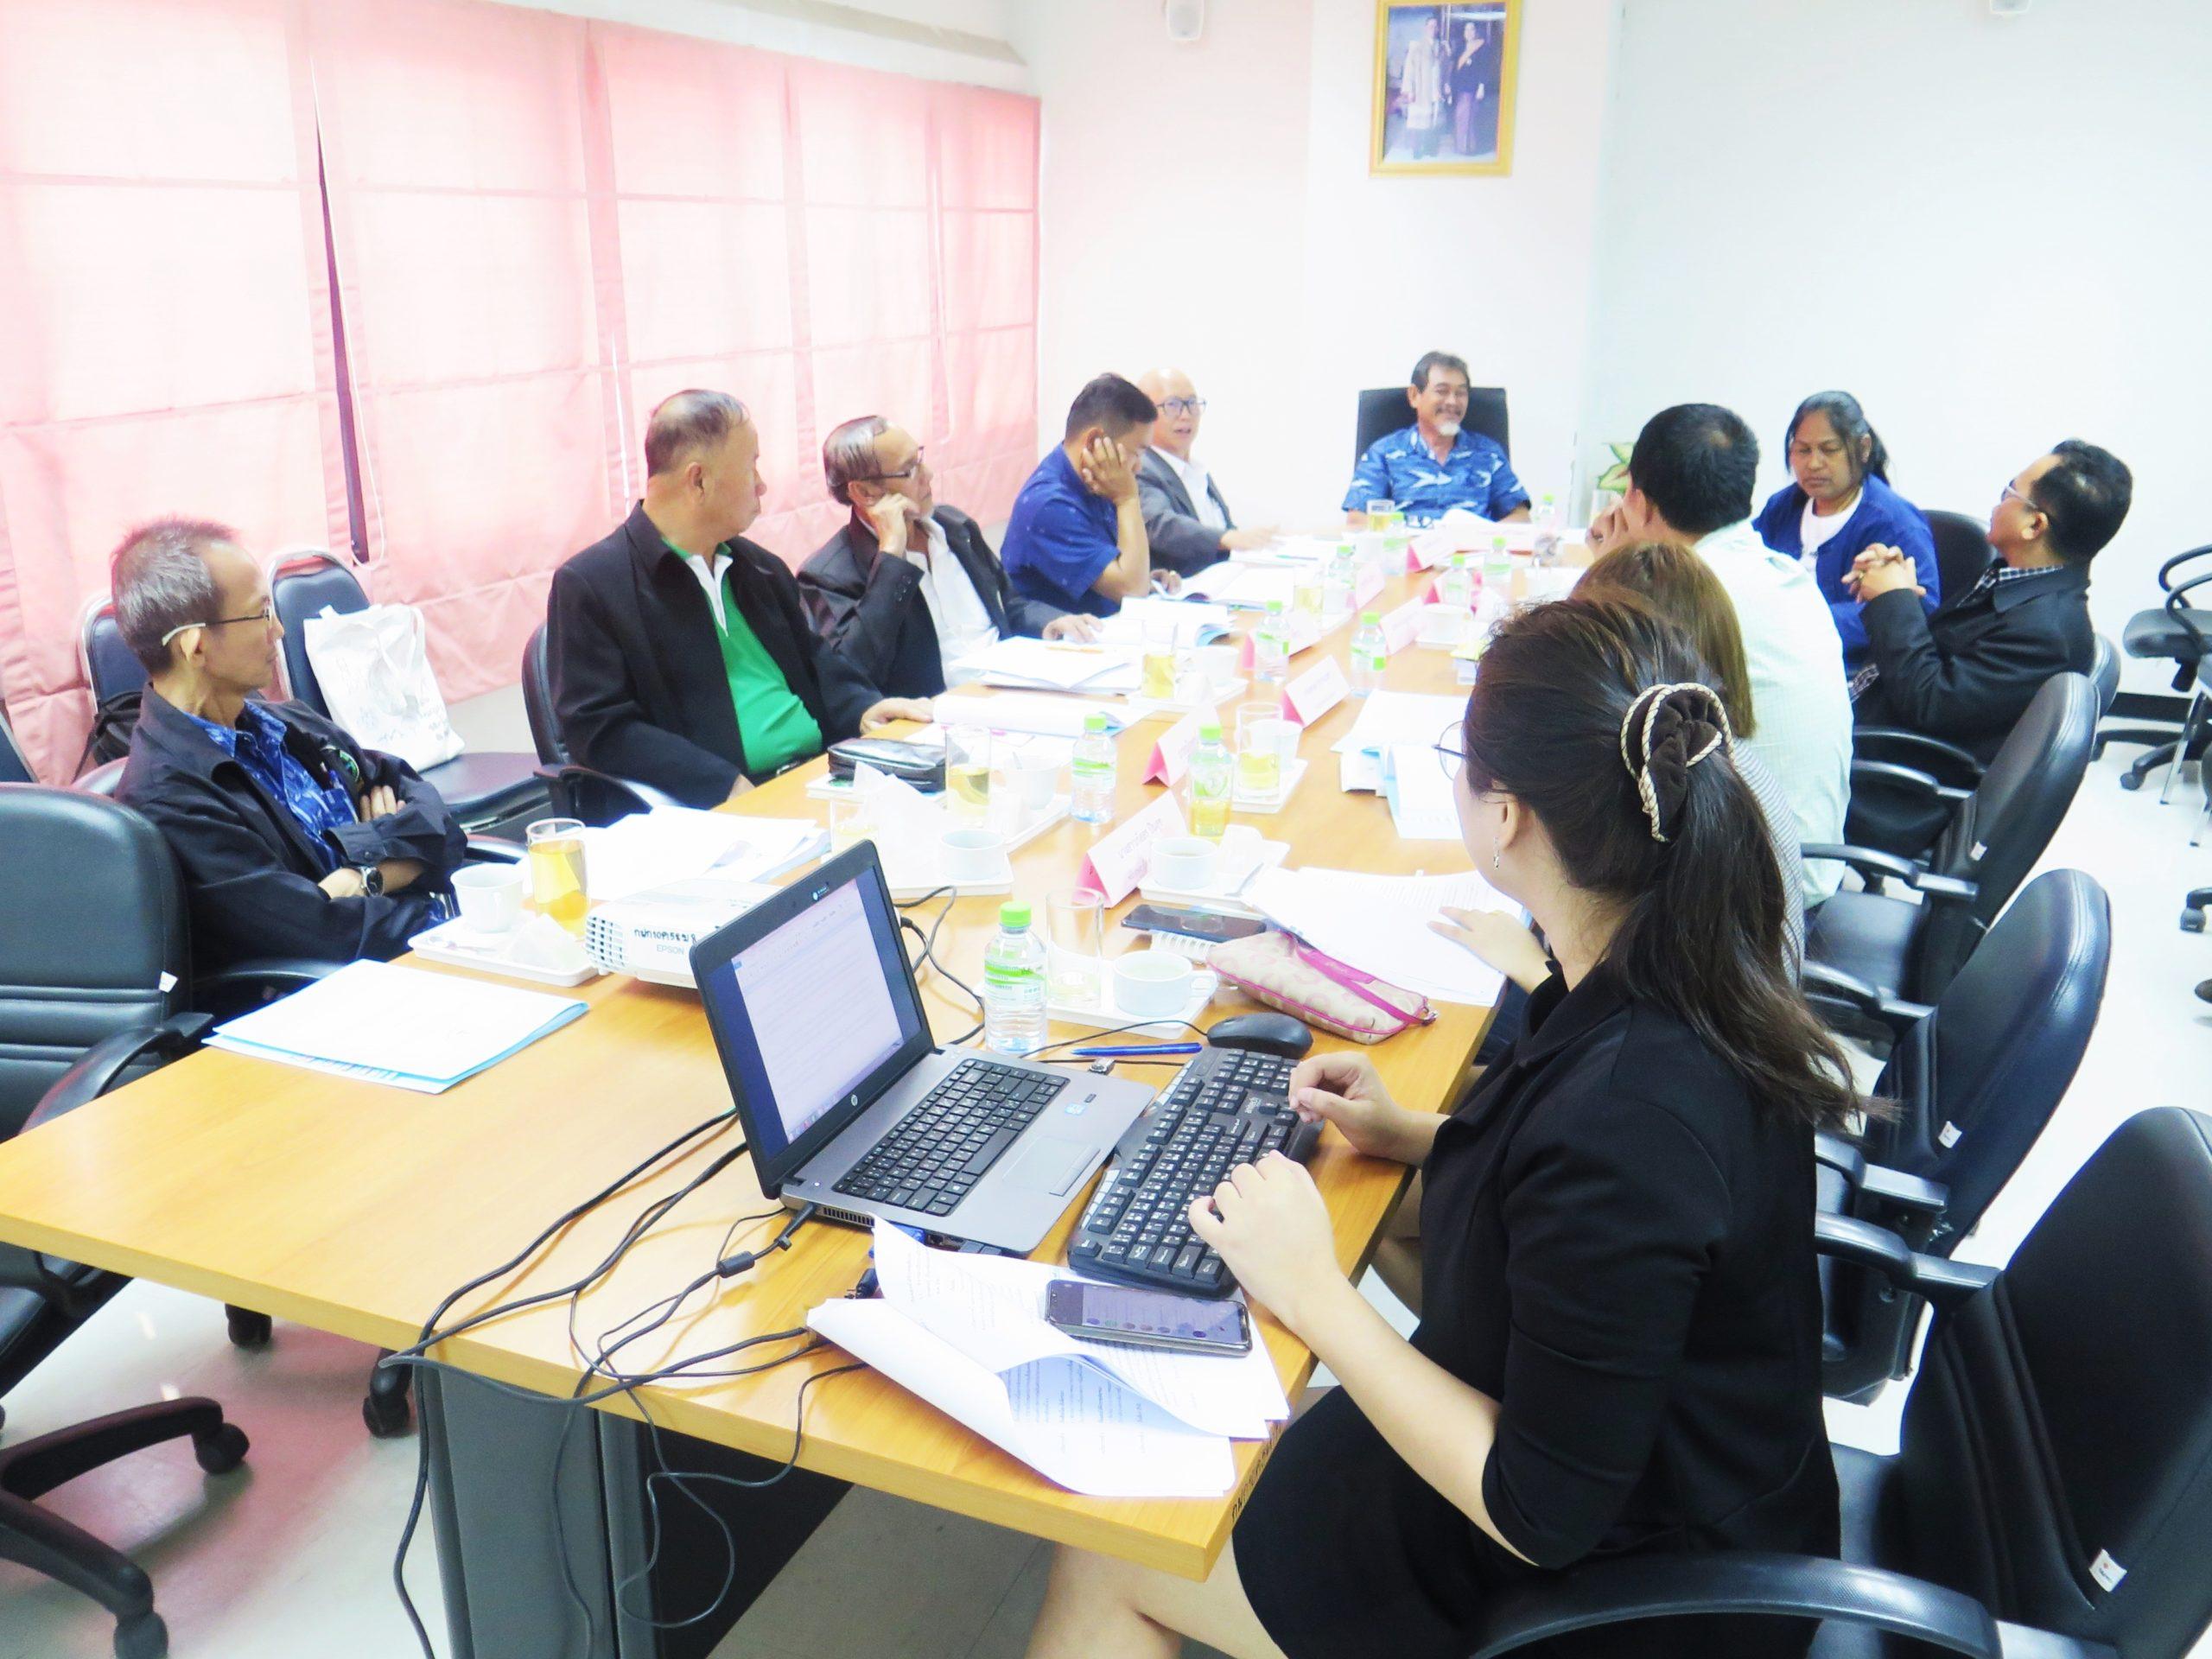 ประชุมคณะทำงานพิจารณา (ร่าง) ระเบียบ หรือประกาศที่เกี่ยวข้องกับการจัดการหนี้ของเกษตรกร